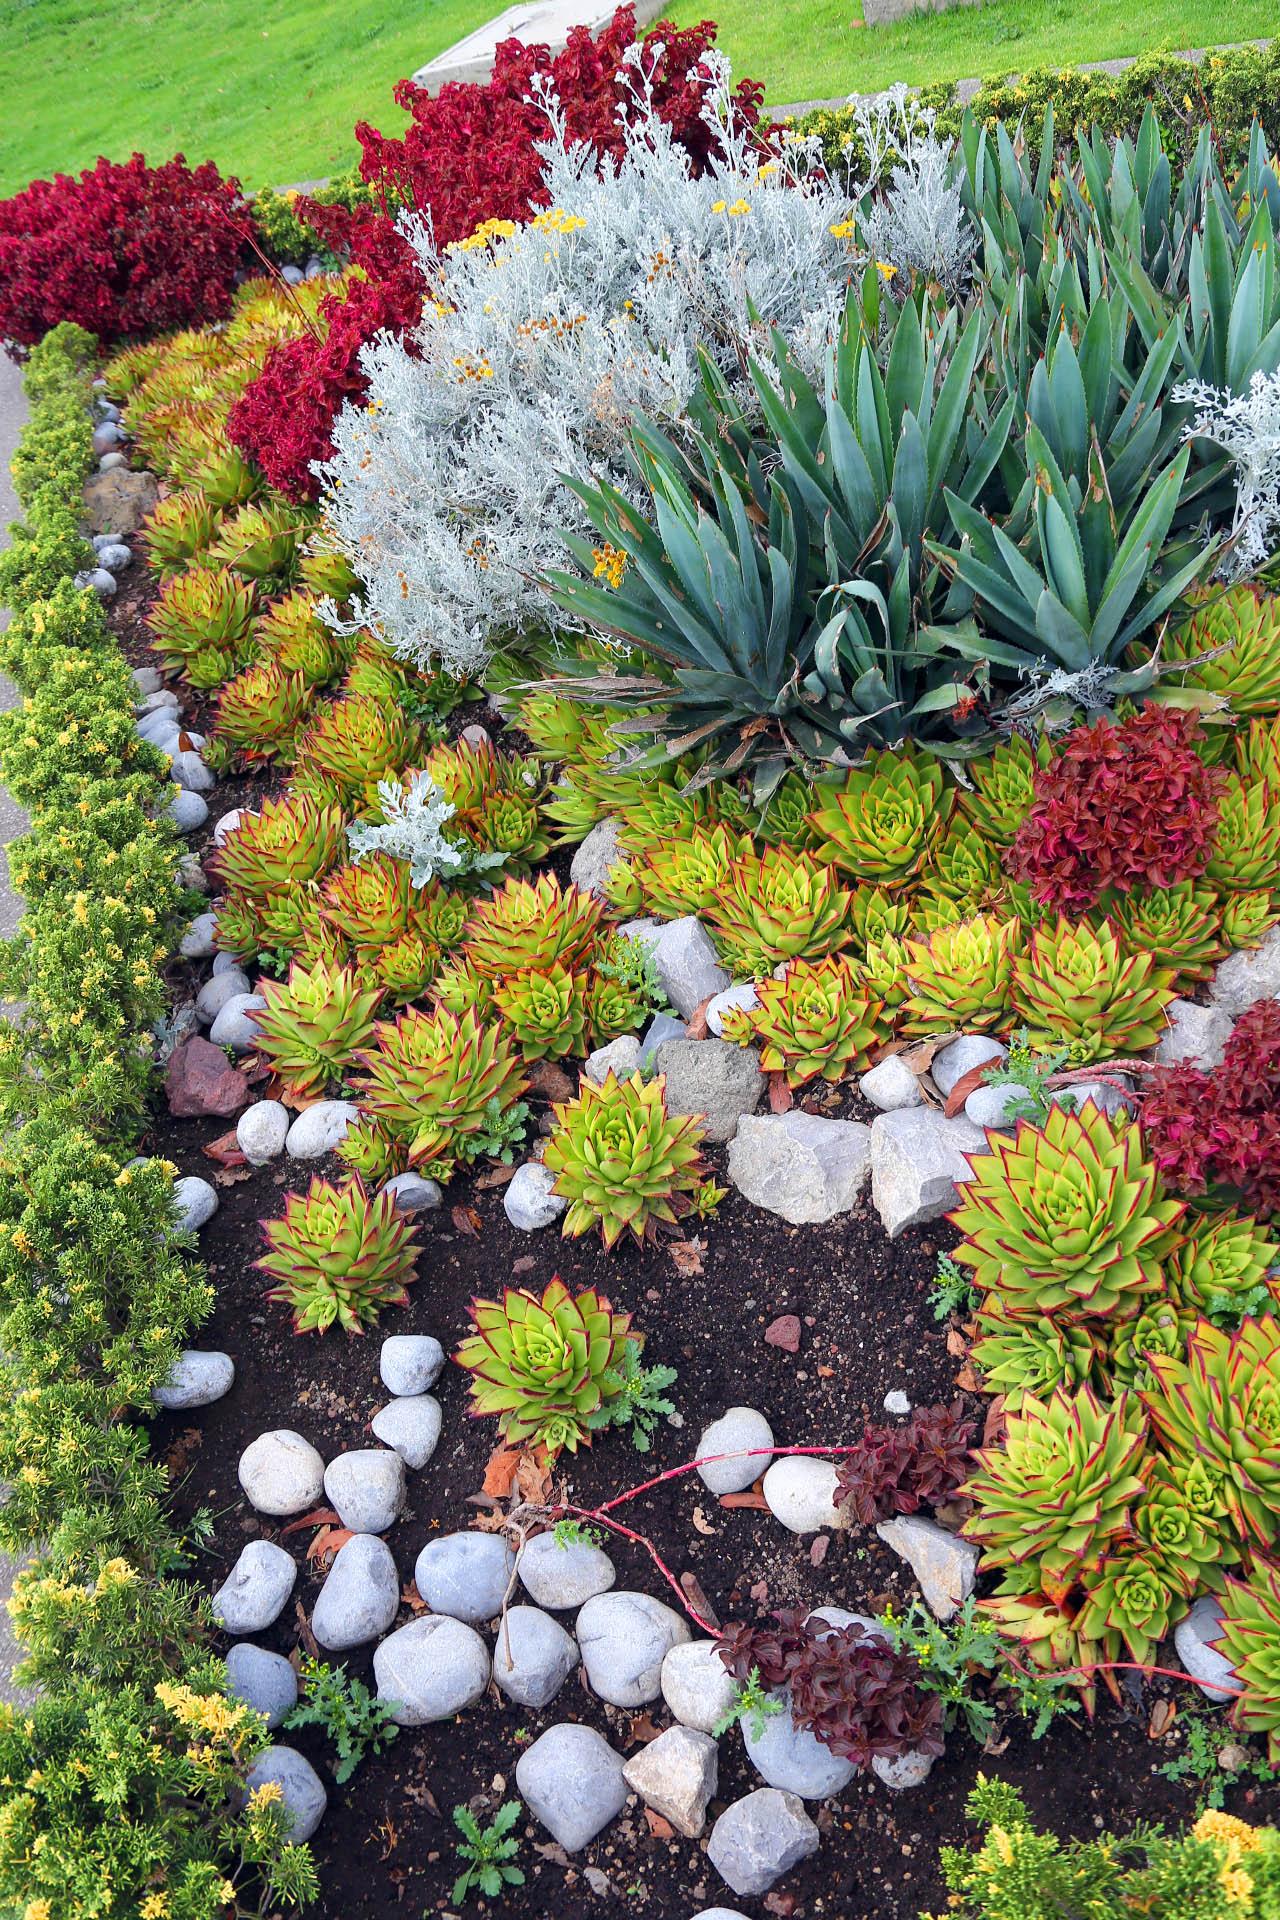 Jardines bot nicos respuesta factible para el rescate de for Jardines naturales